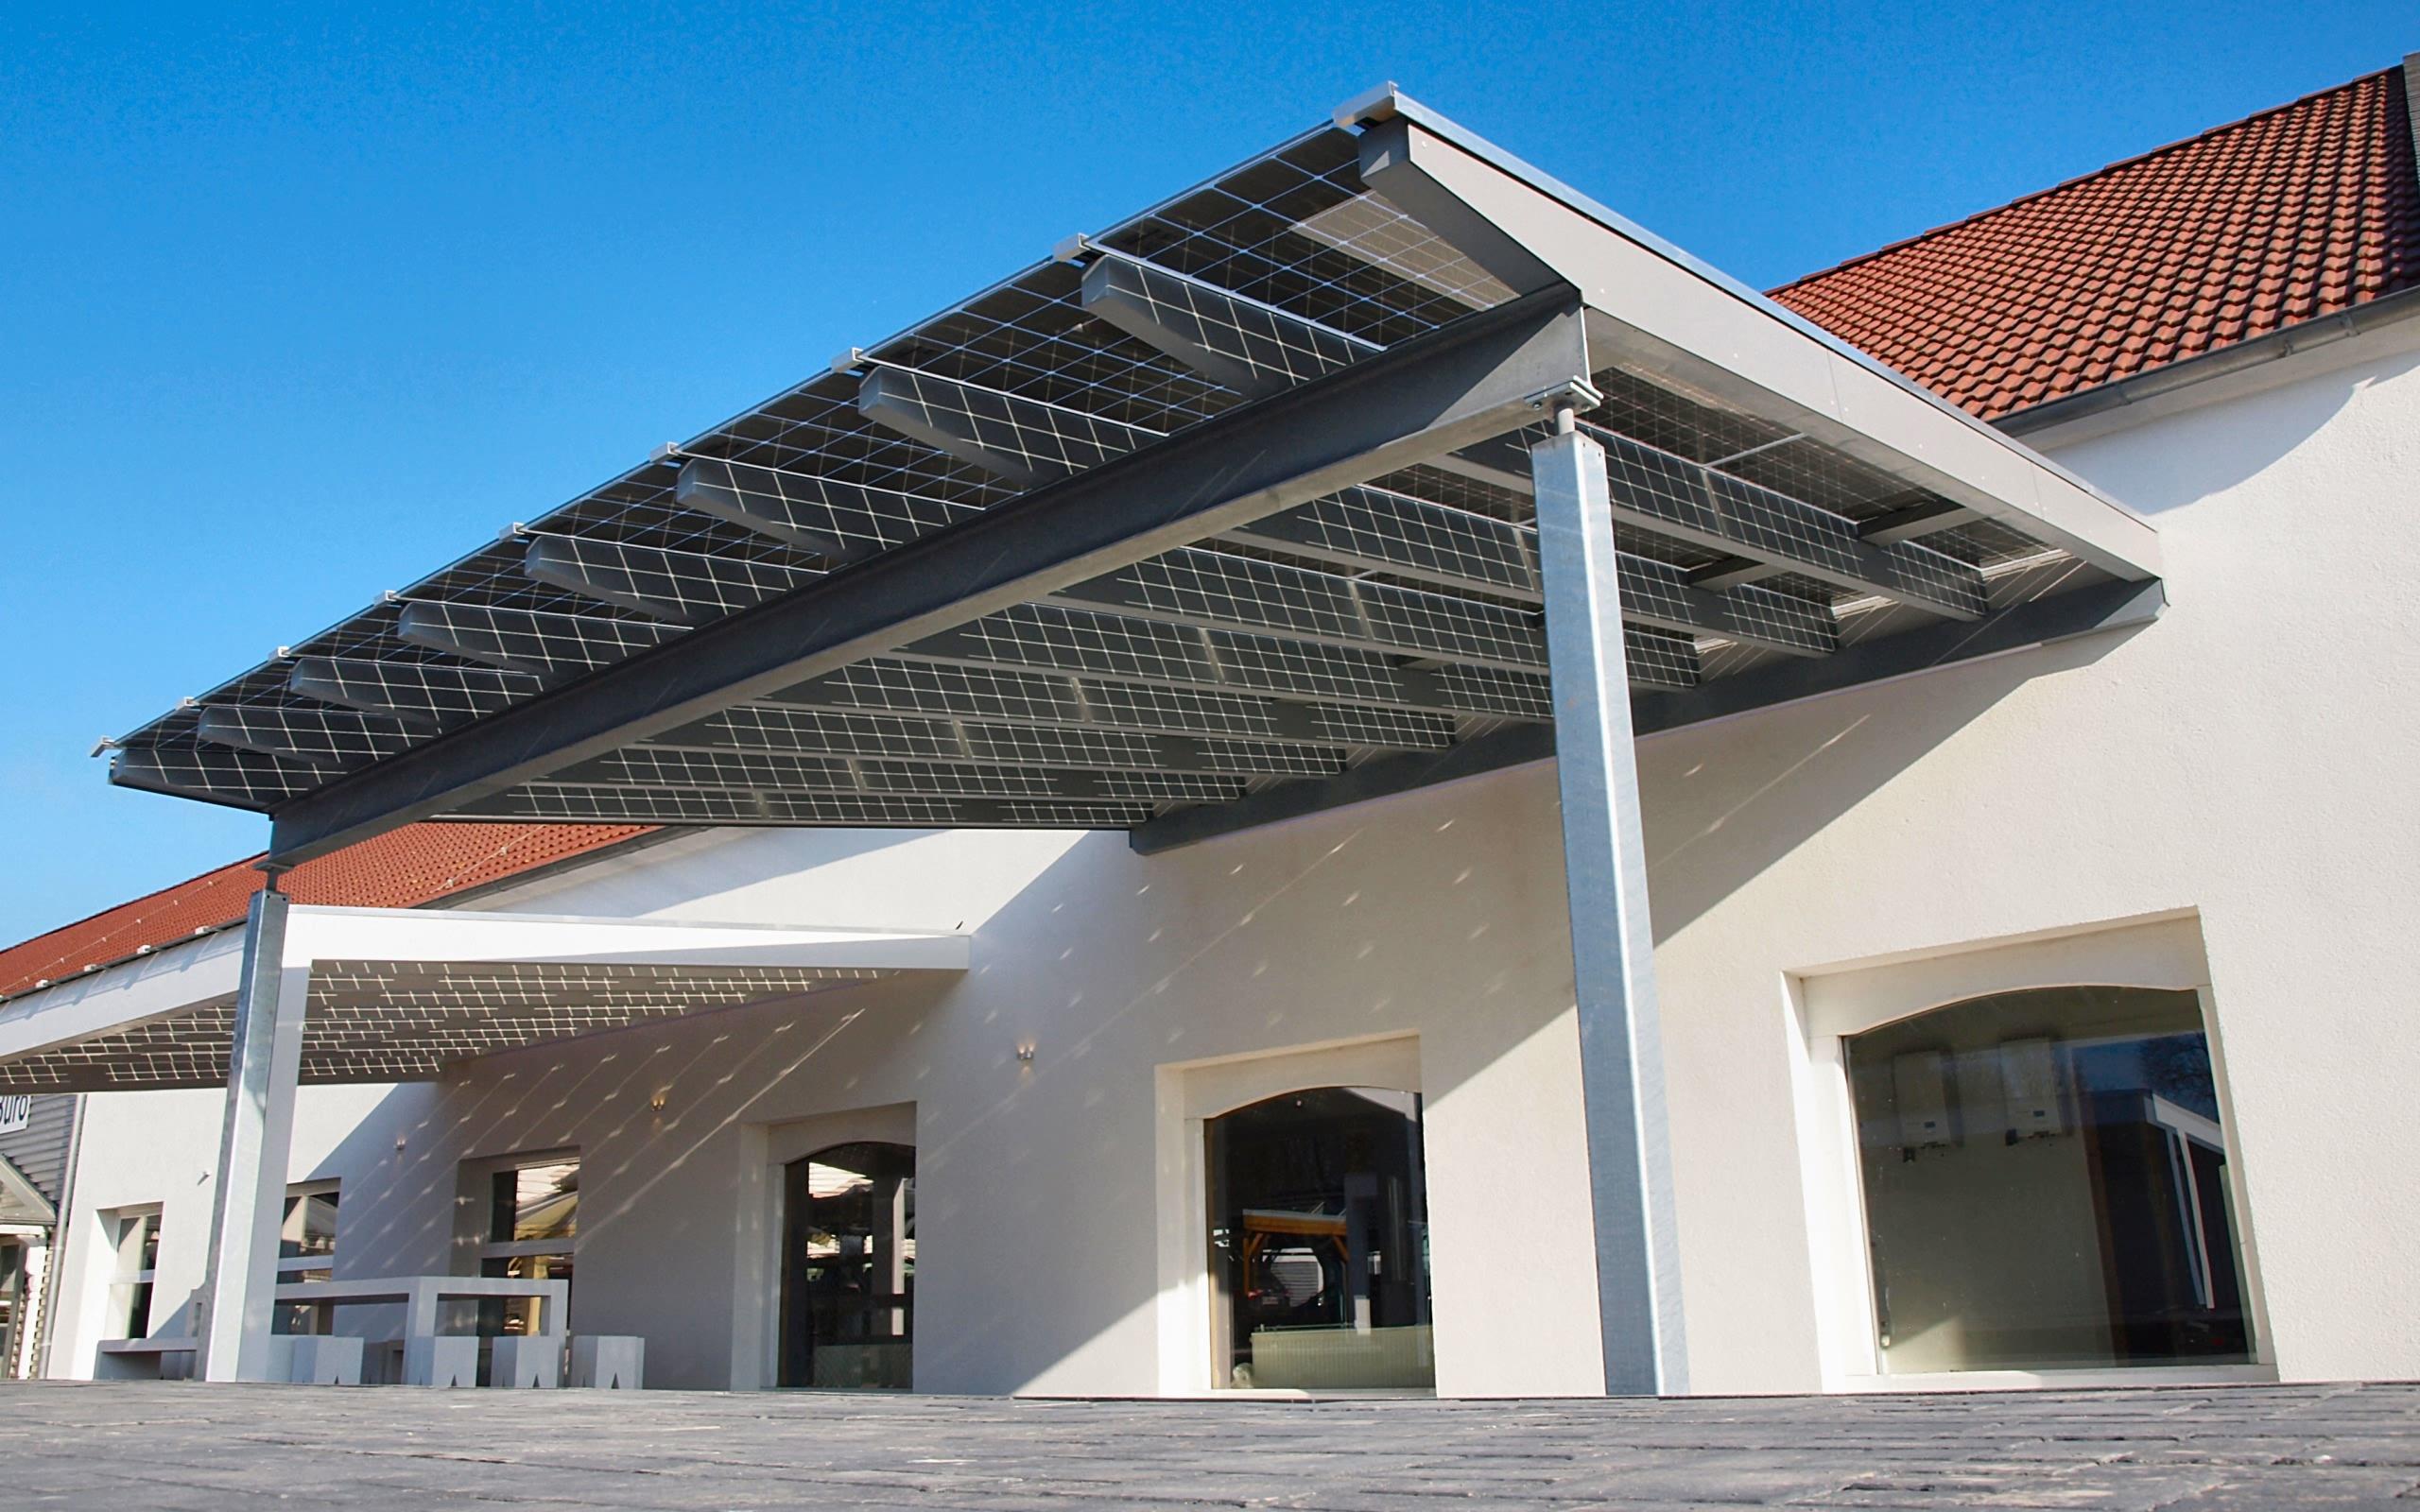 Interior Design For Solarterrassen Ideas Of Ecarport Modern Holz Holz Stahl